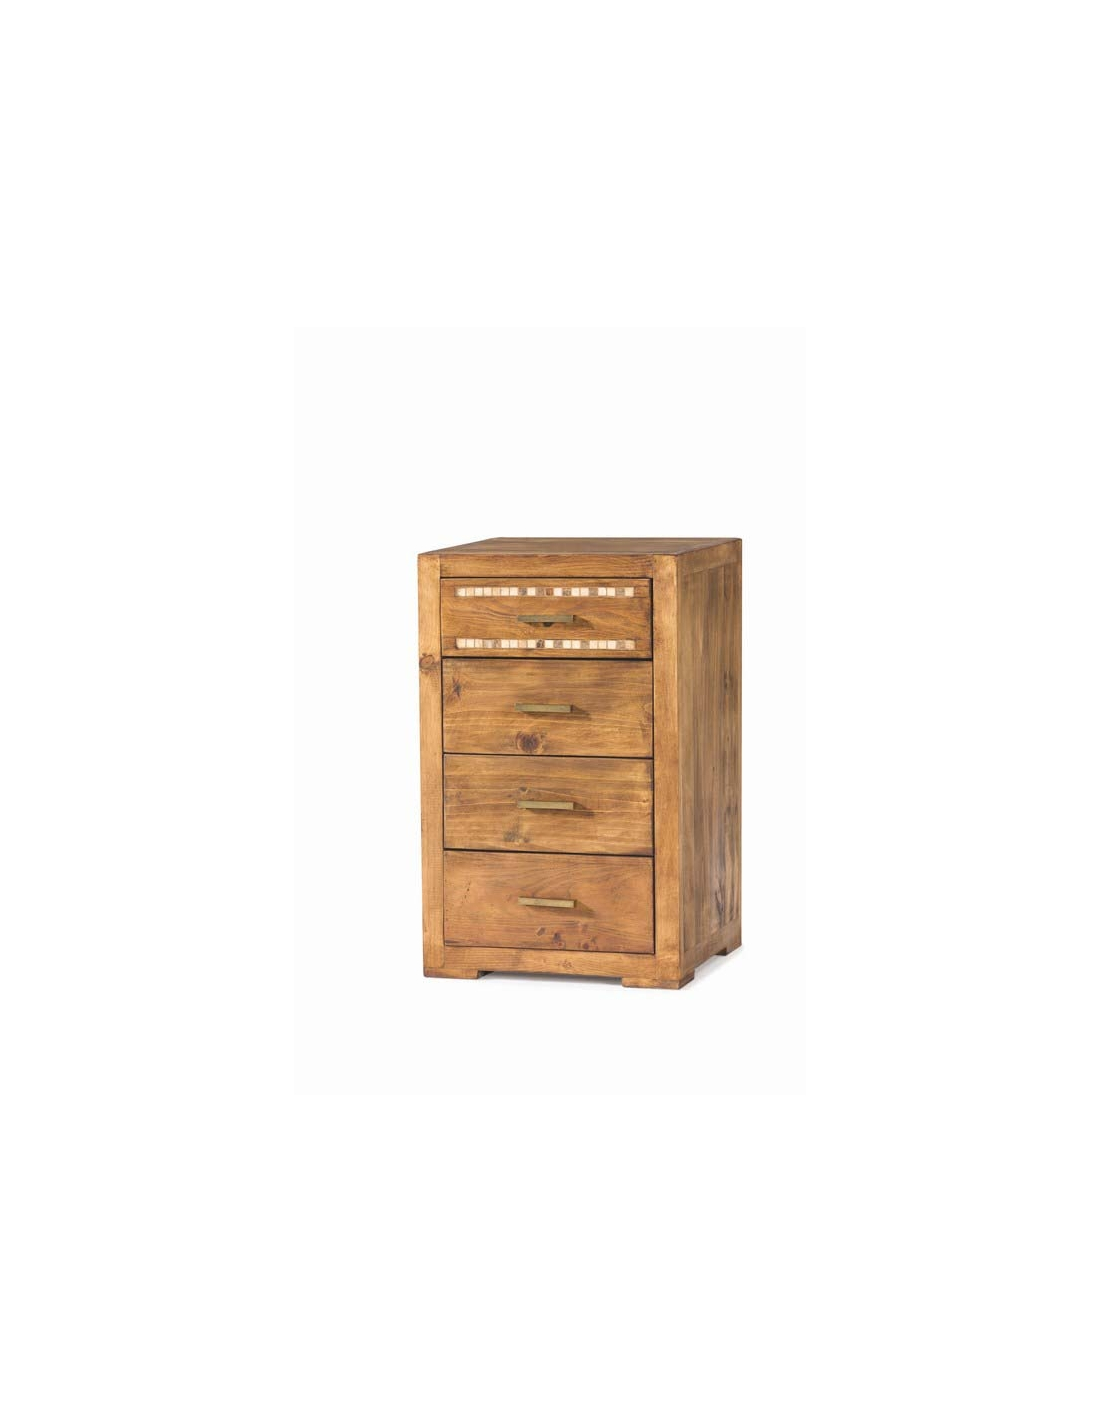 Comprar mueble auxiliar estilo rustico madera cuatro for Mueble auxiliar rustico